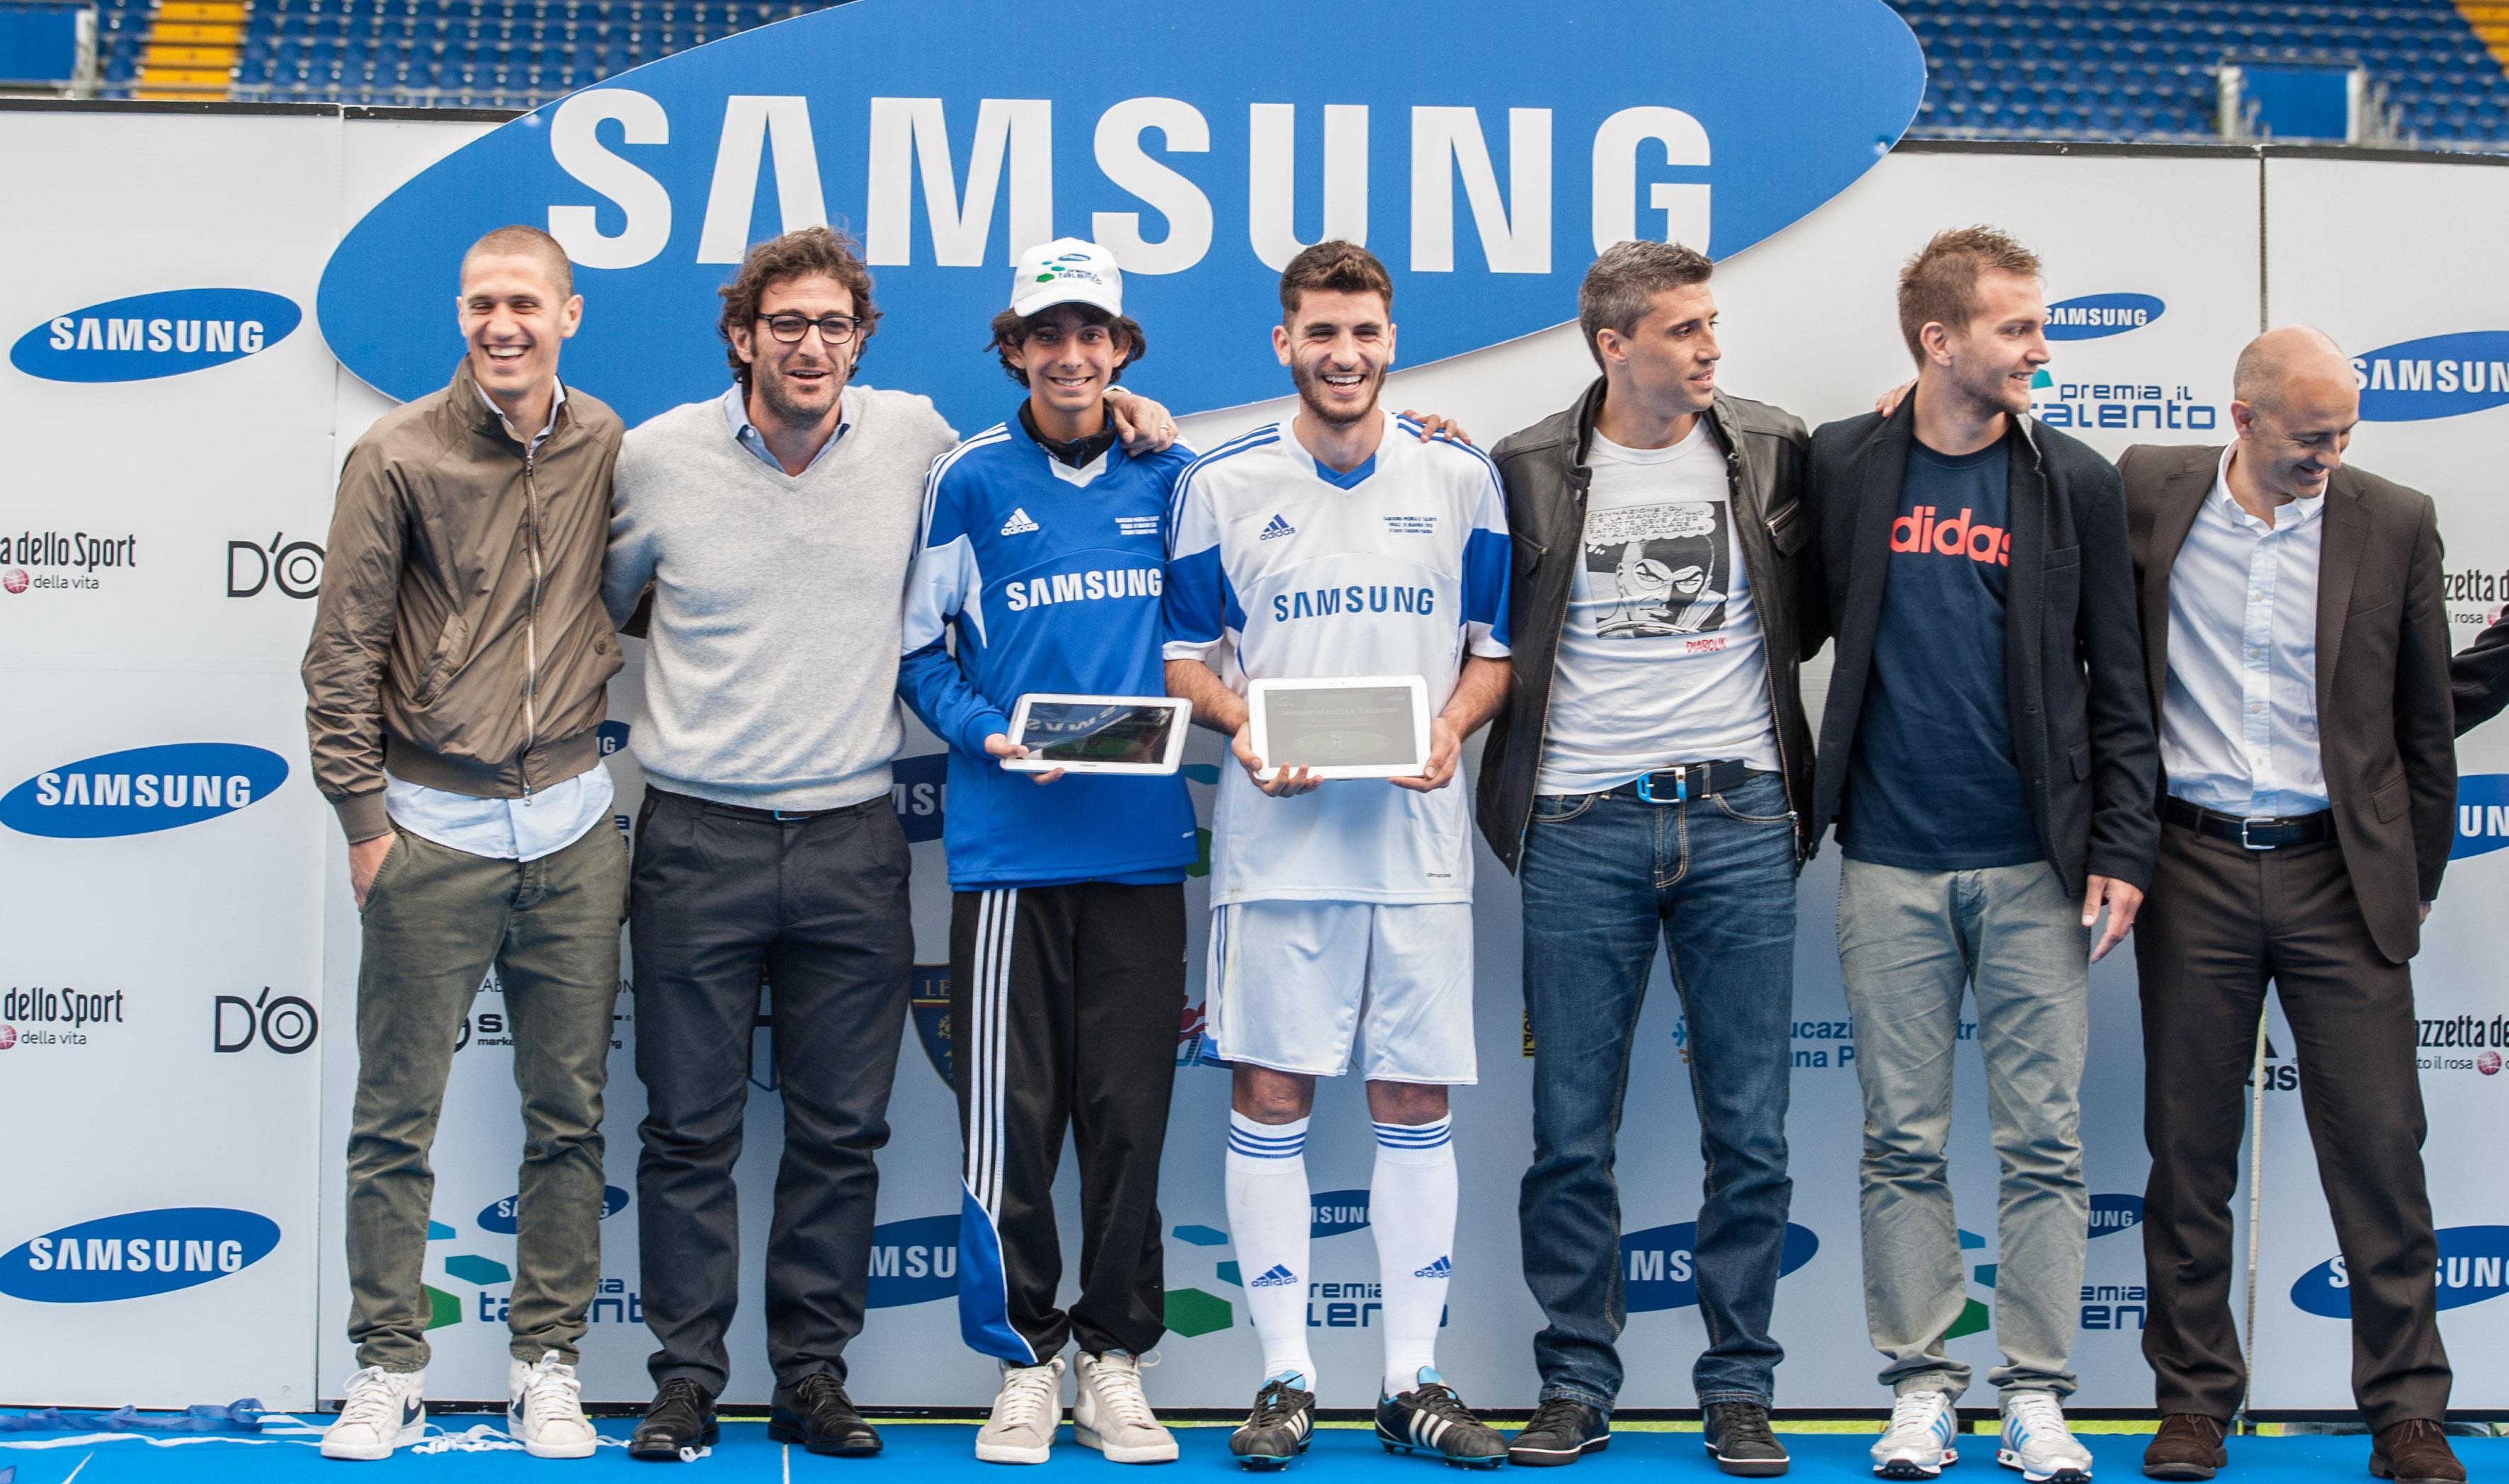 Novità| Finalisti Samsung premia il talento